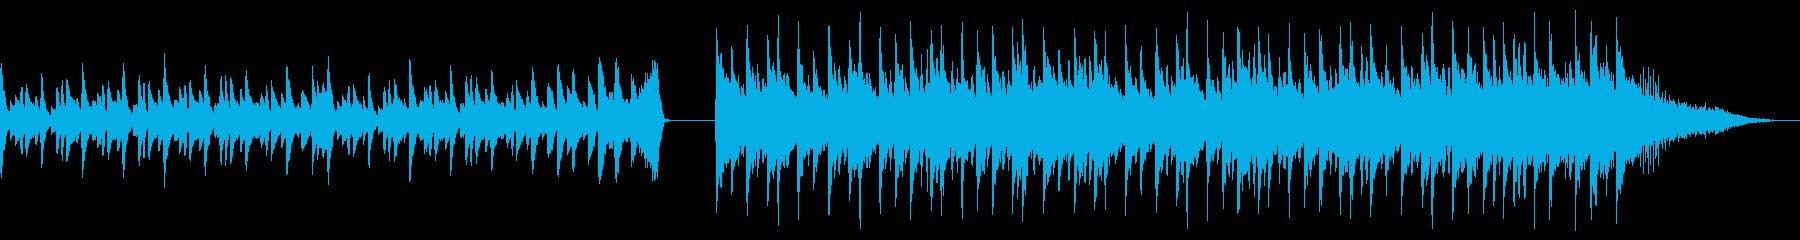 90s劇伴風BGMの再生済みの波形